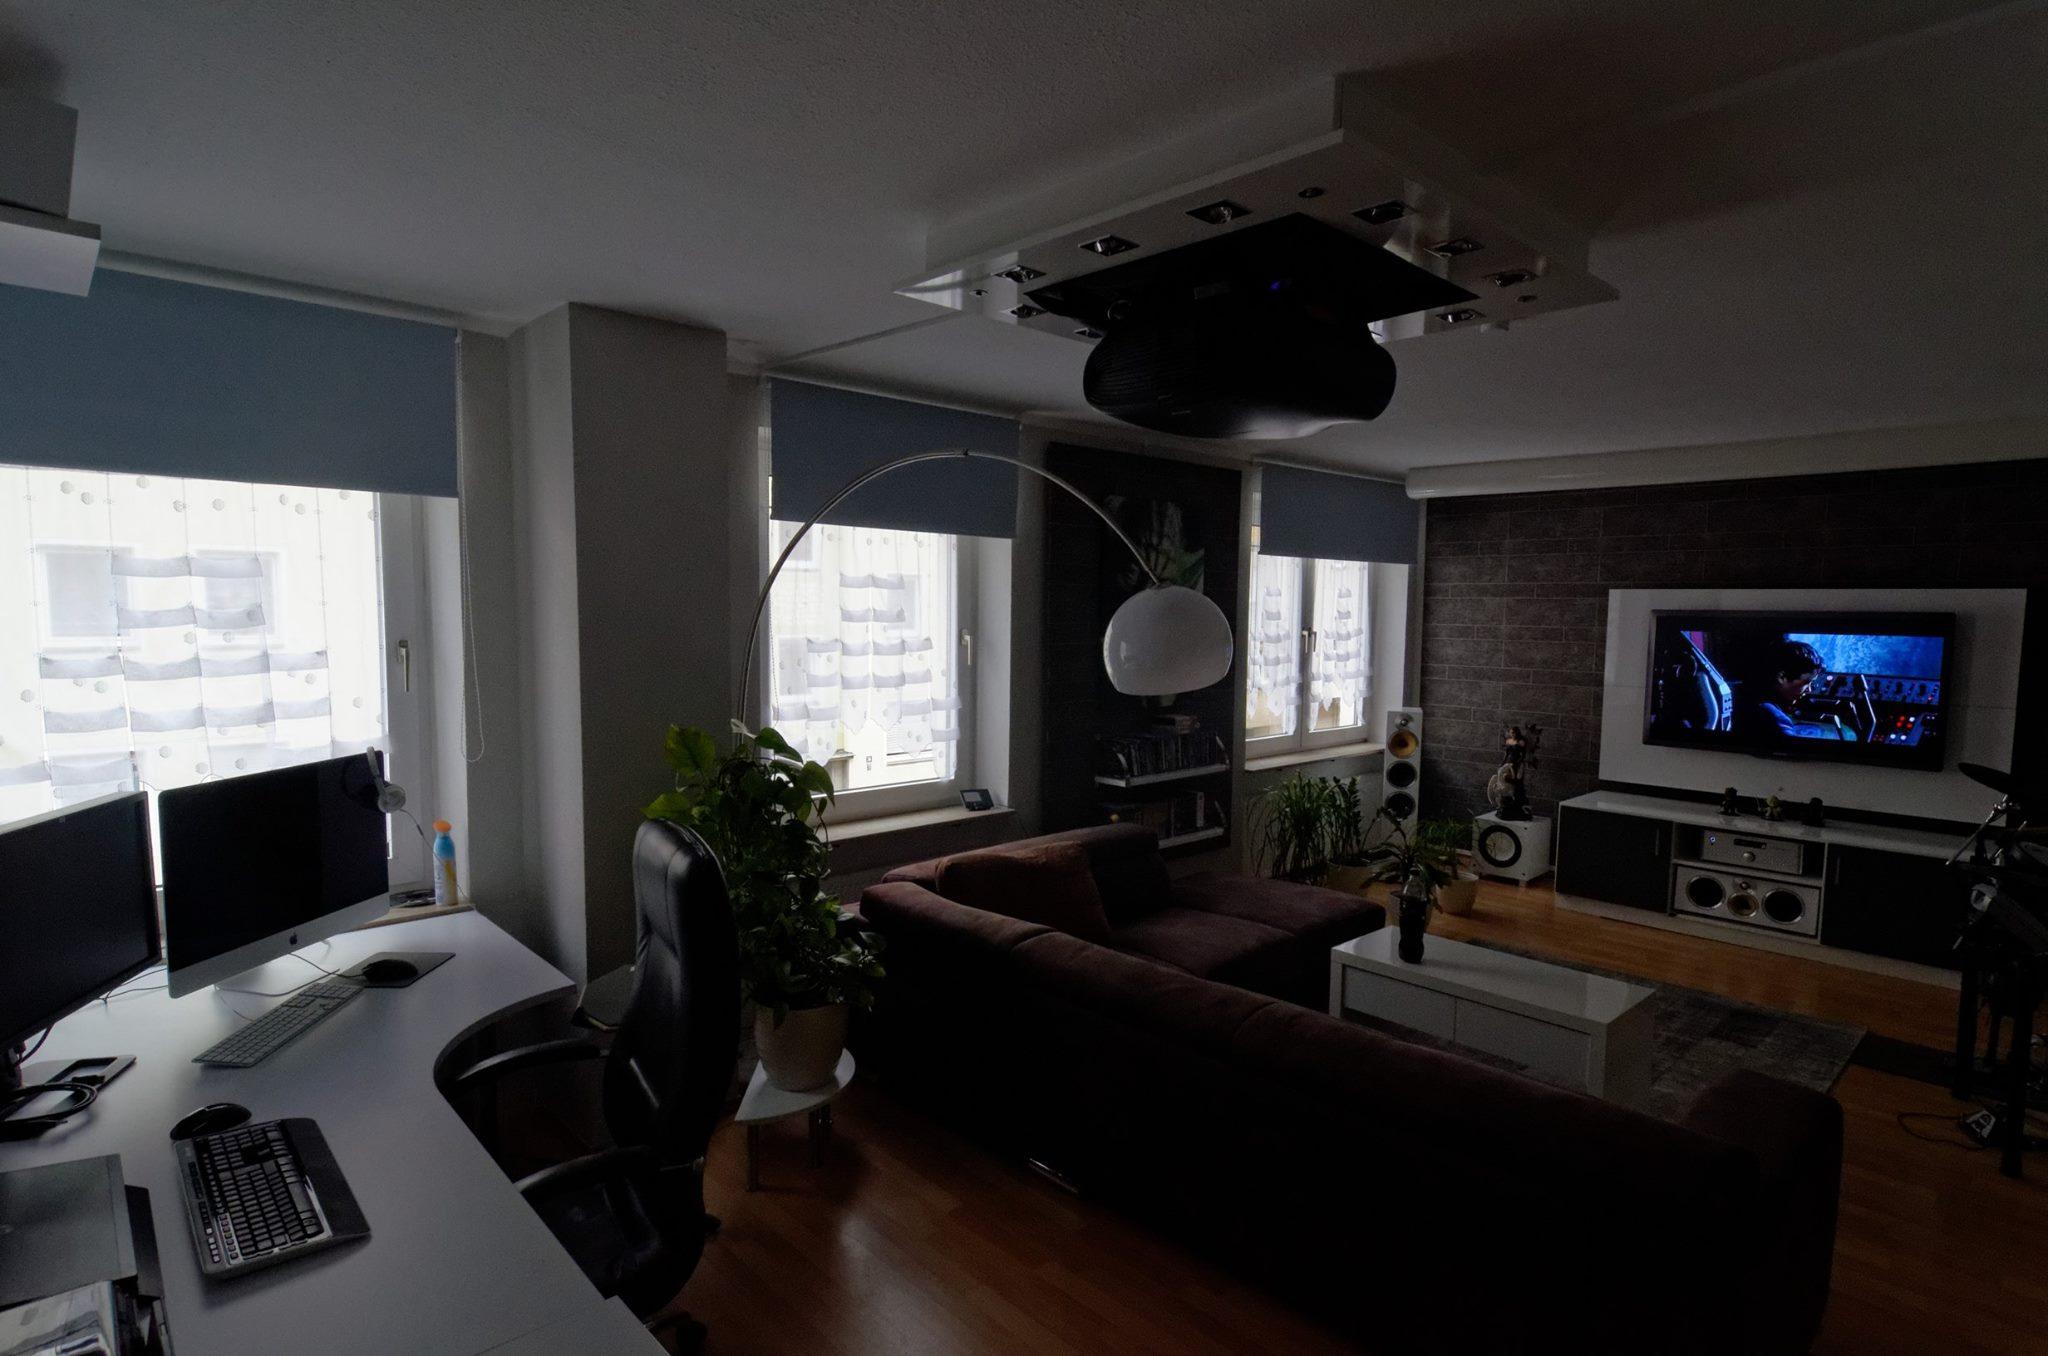 Heimkino Dual Lsung Fernseher Und Beamer